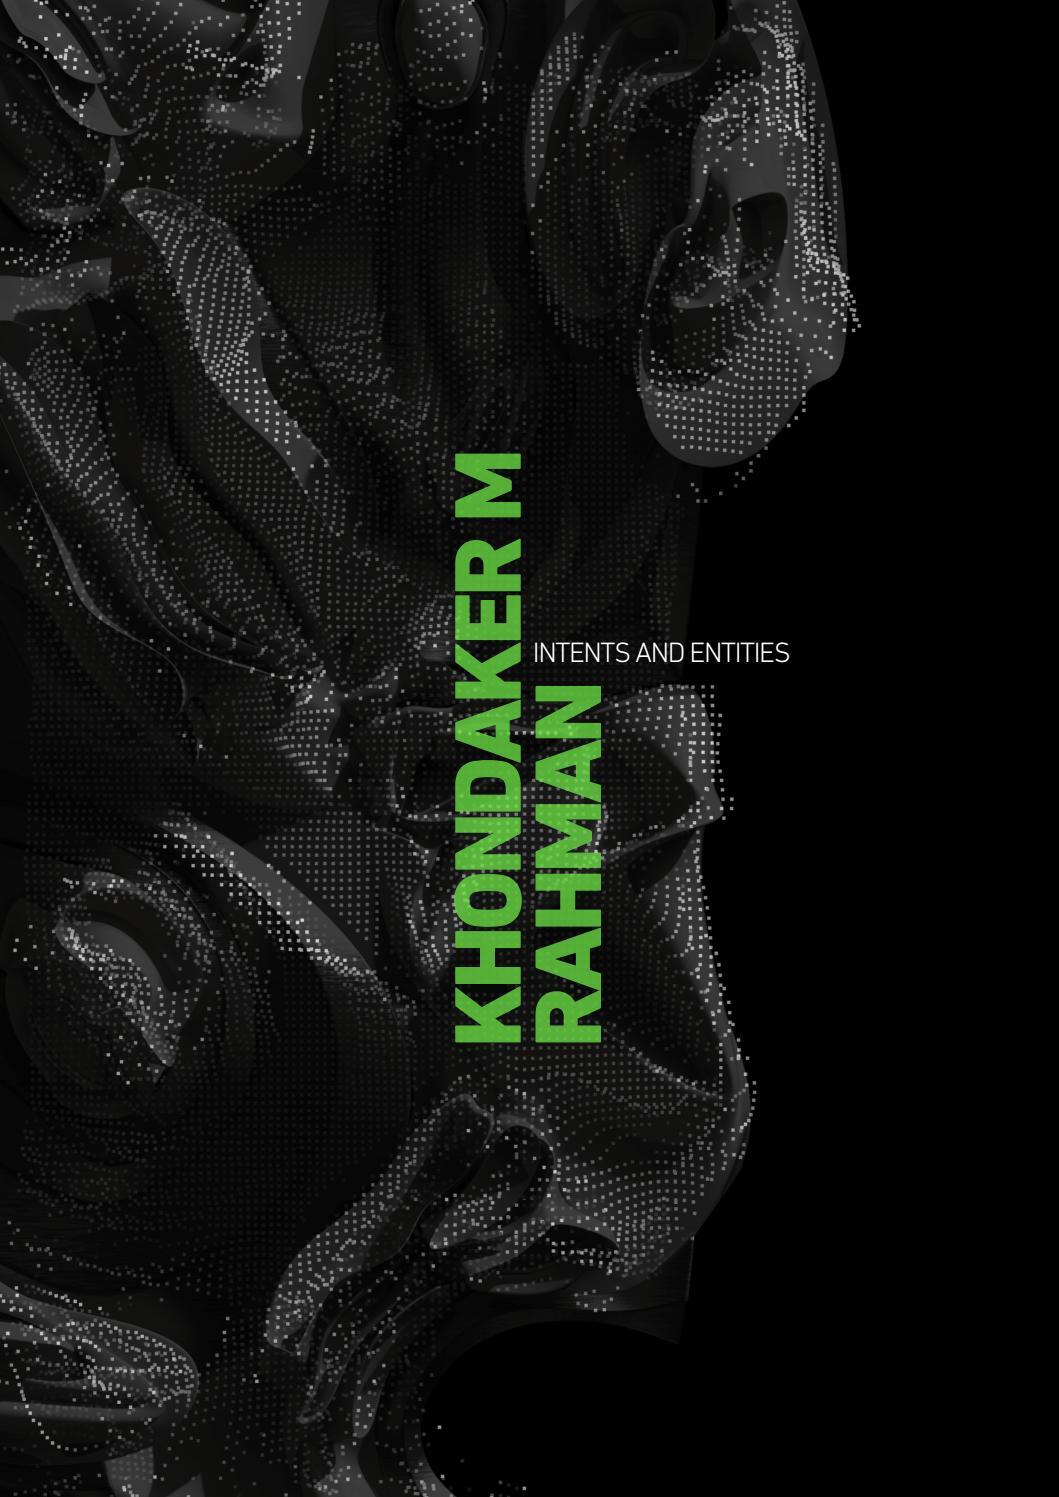 Khondaker M Rahman Msd Aad 2019 Portfolio By Onie Rahman Issuu